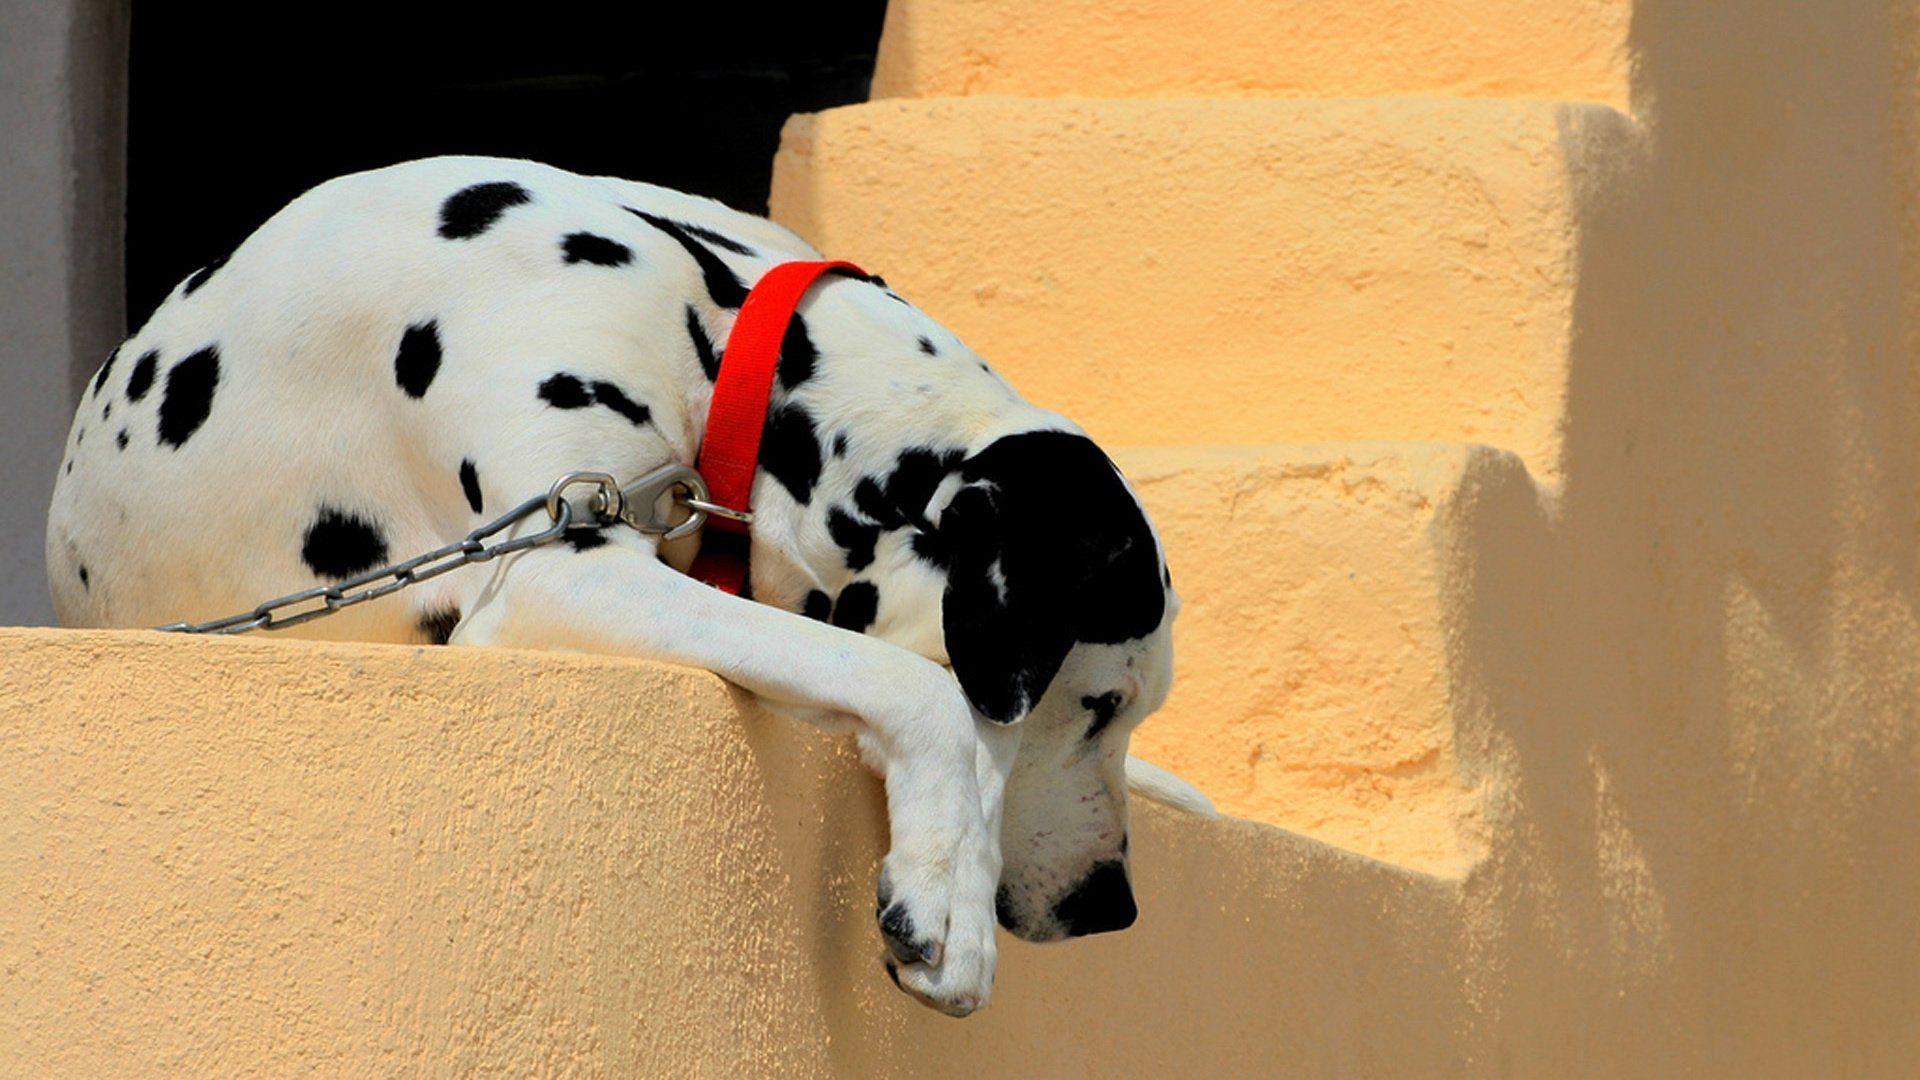 Dalmatian a wallpaper